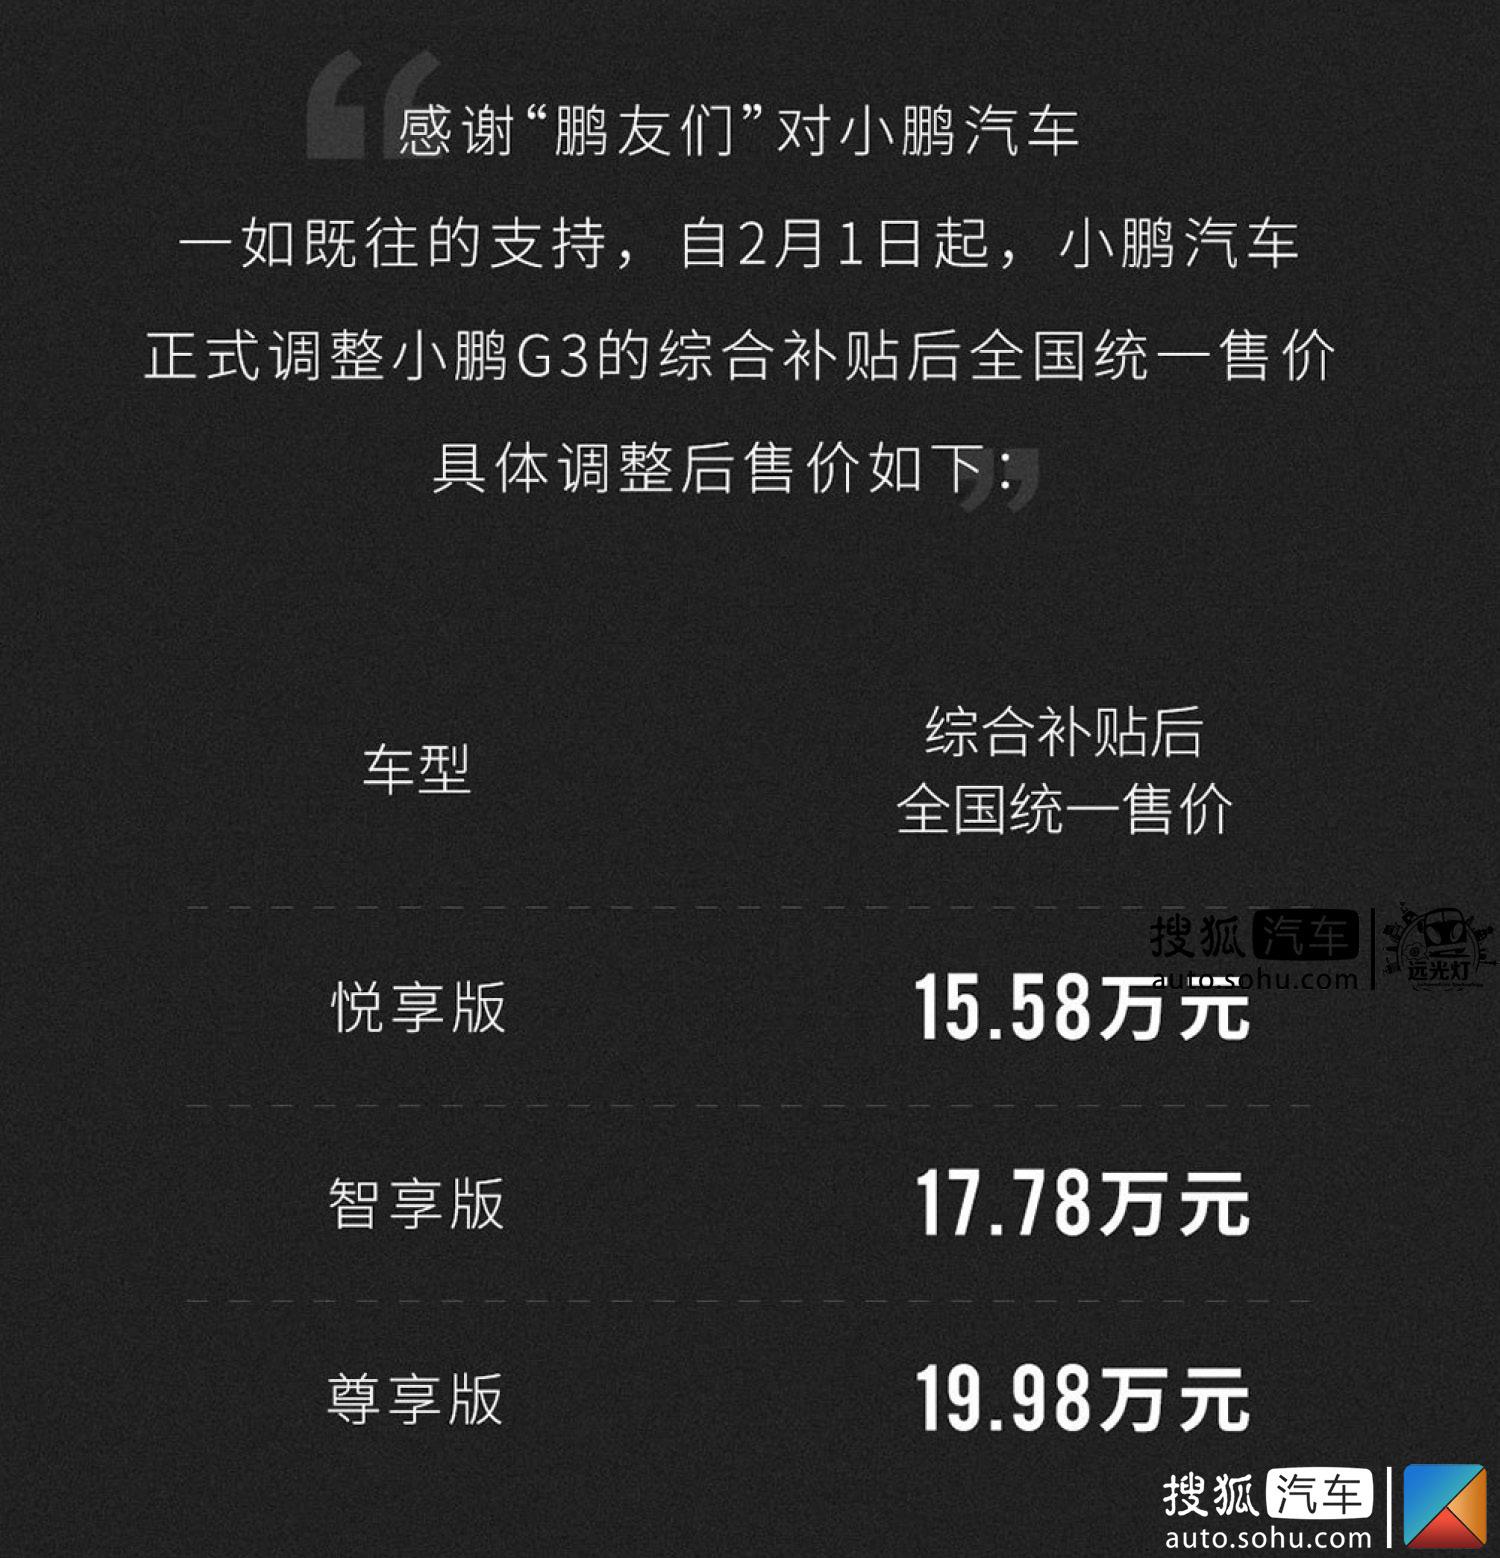 涨幅最高3.4万元 小鹏汽车涨价细则公布(第1页) -